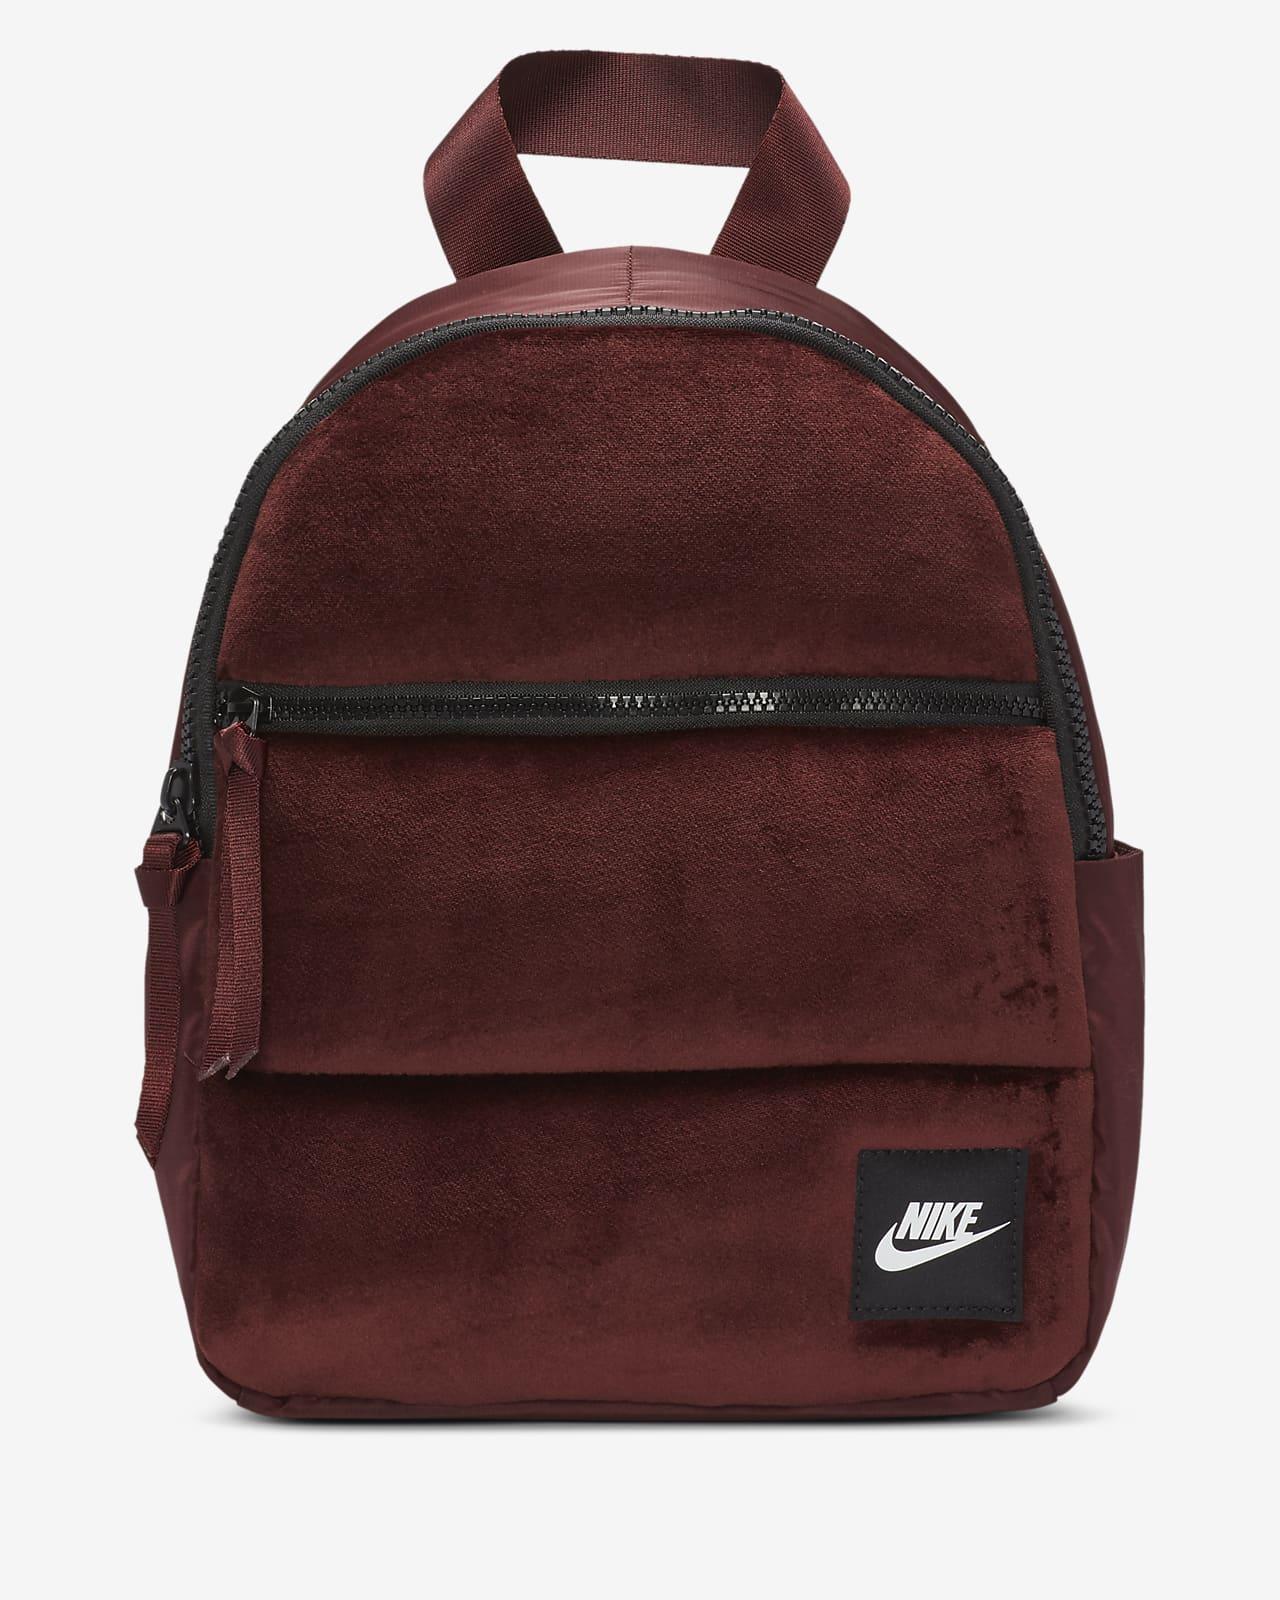 Mini sac à dos pour l'hiver Nike Sportswear Essentials